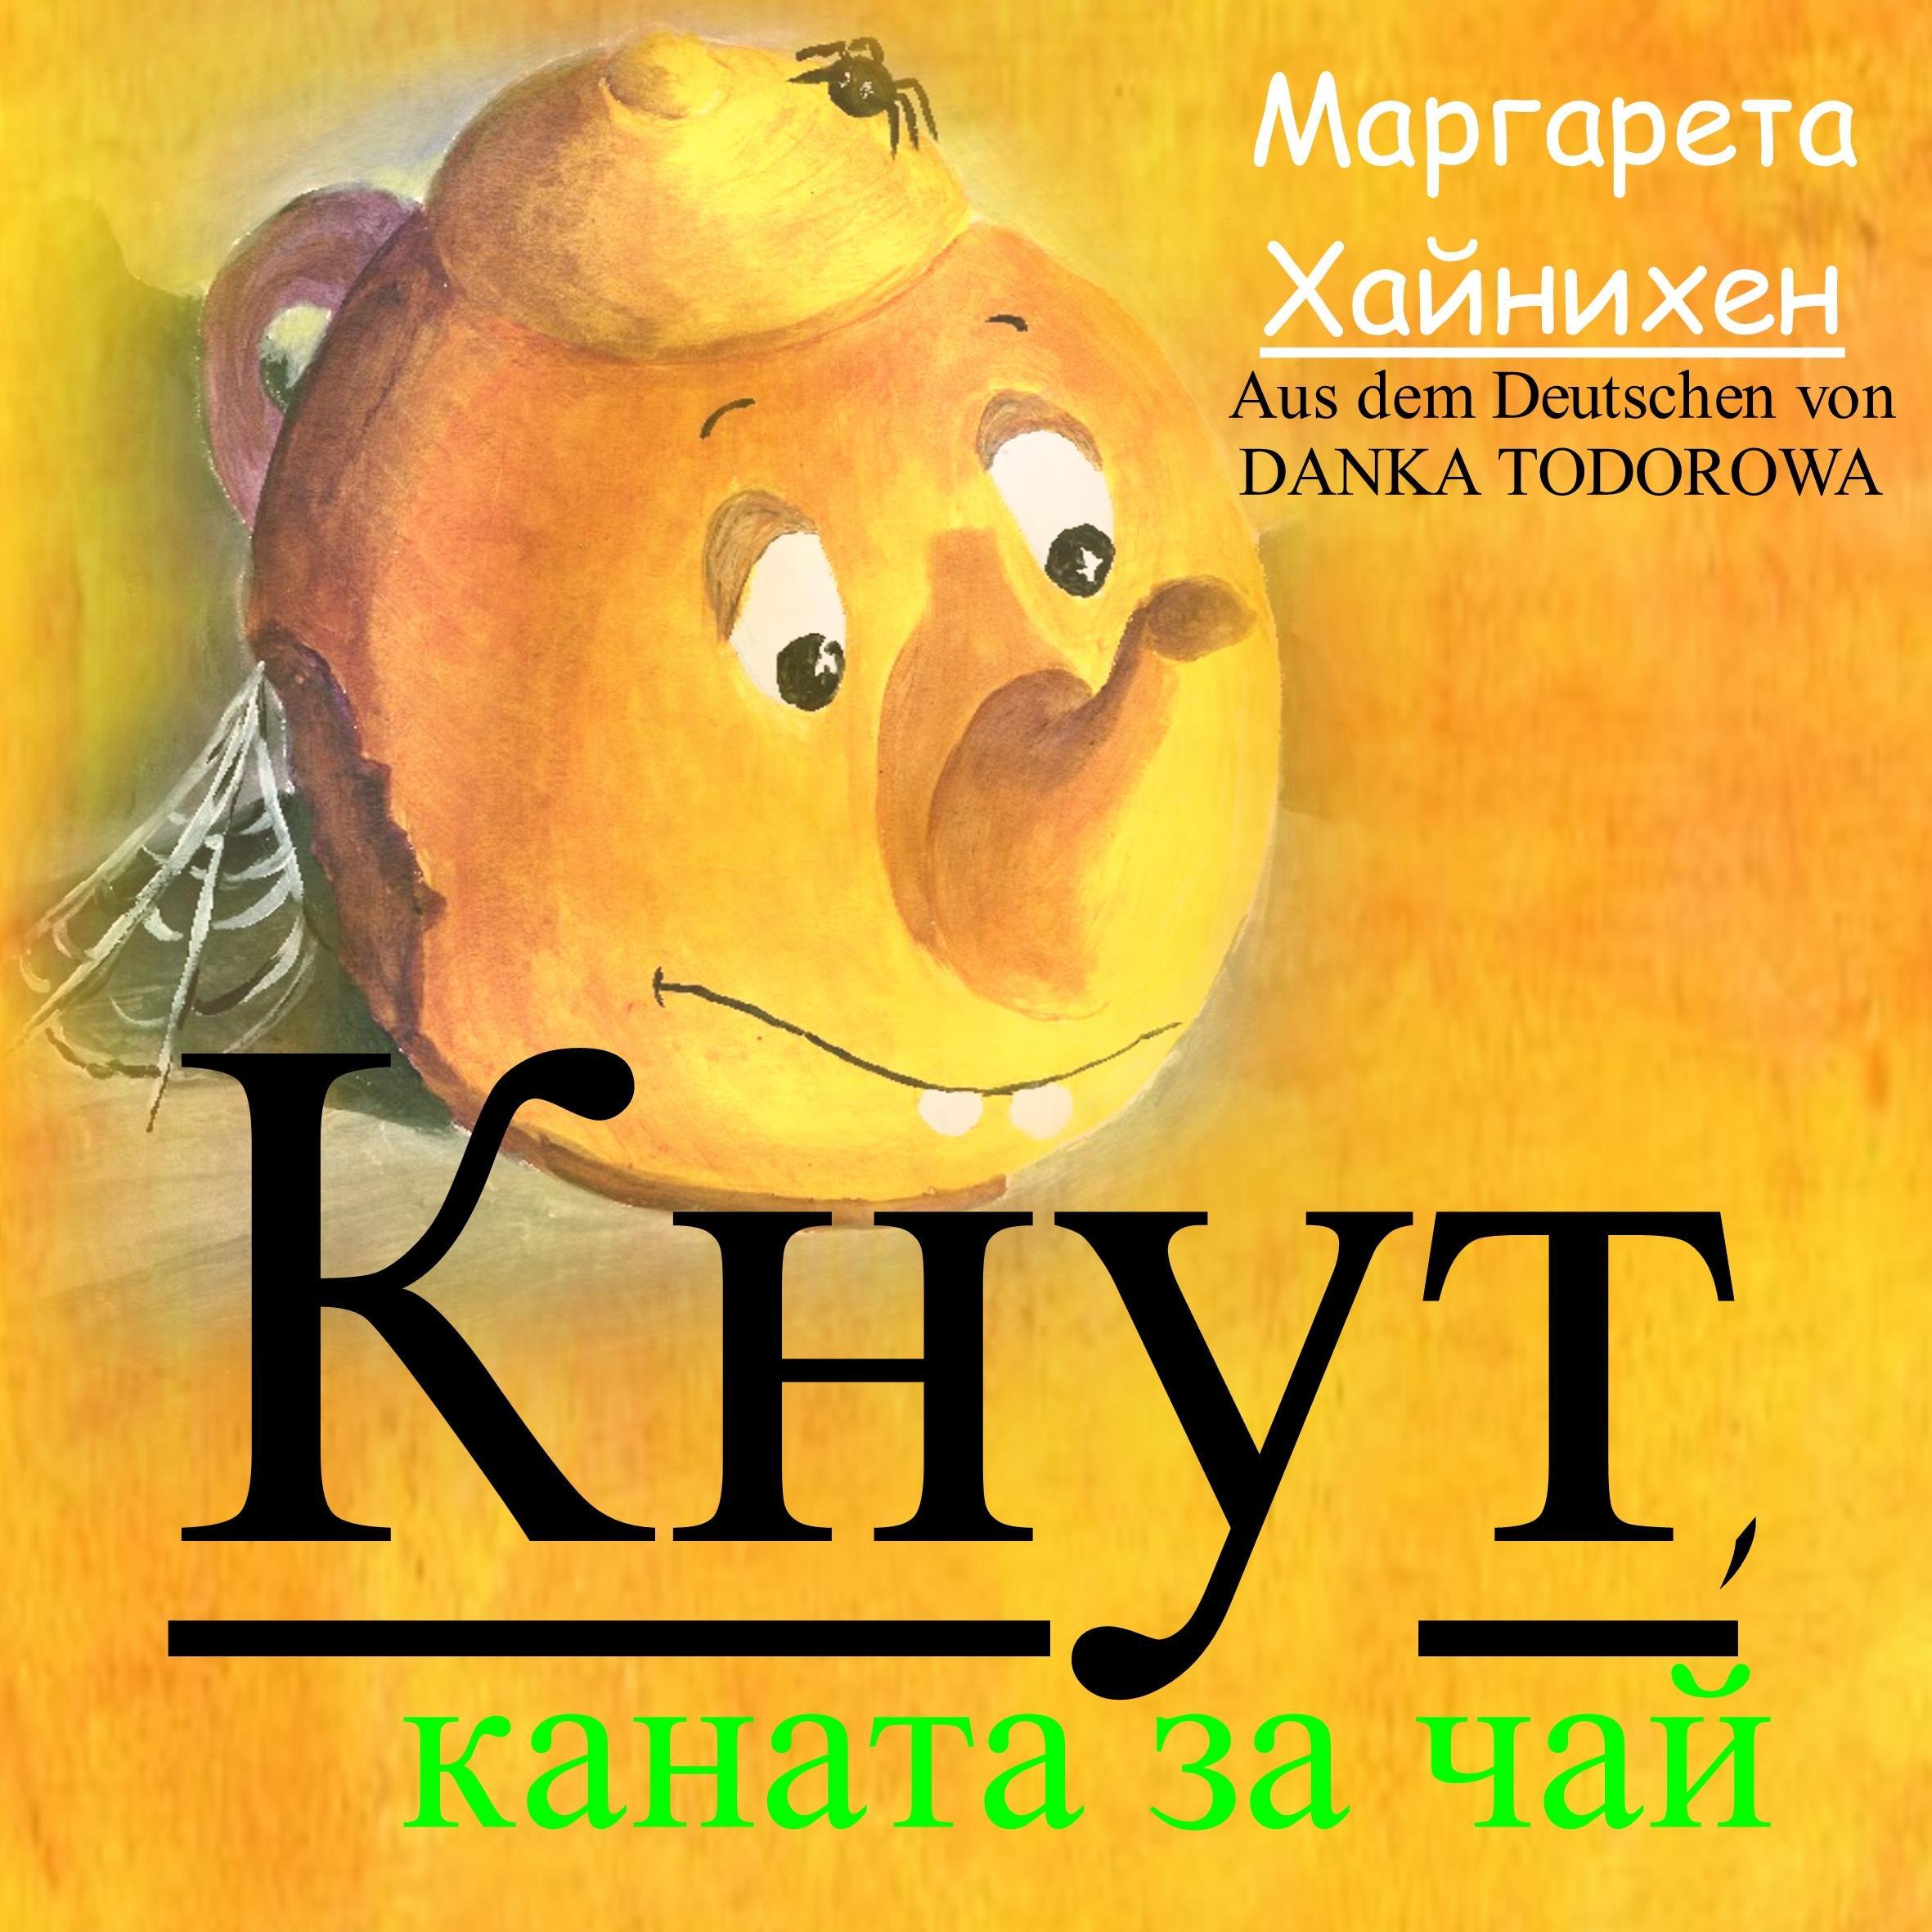 Knut, die Teekanne